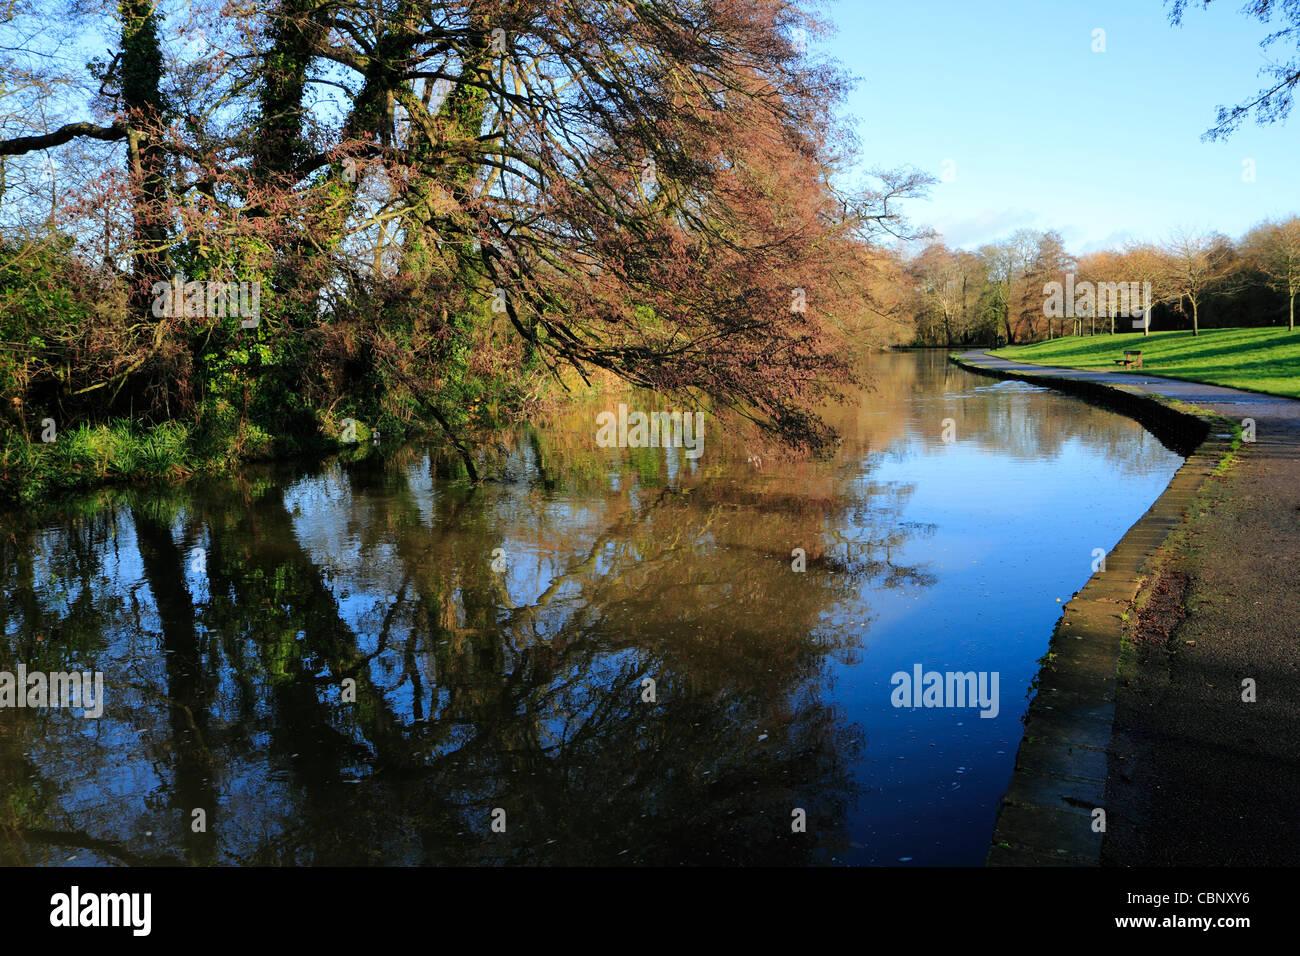 River Itchen, Riverside Park, Southampton - Stock Image